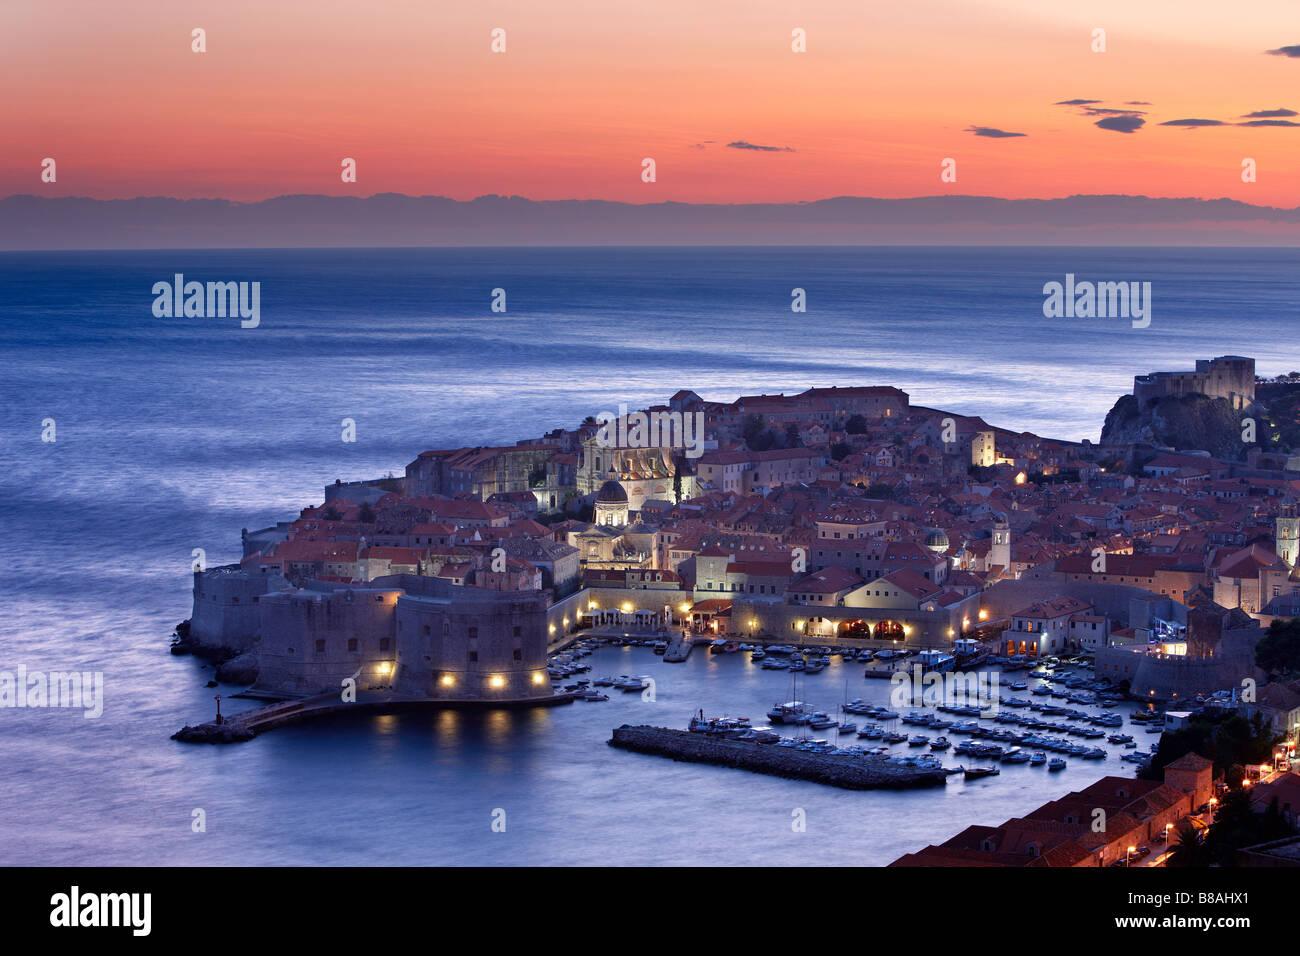 Le port de la vieille ville de Dubrovnik Croatie Dalmatie crépuscule Photo Stock